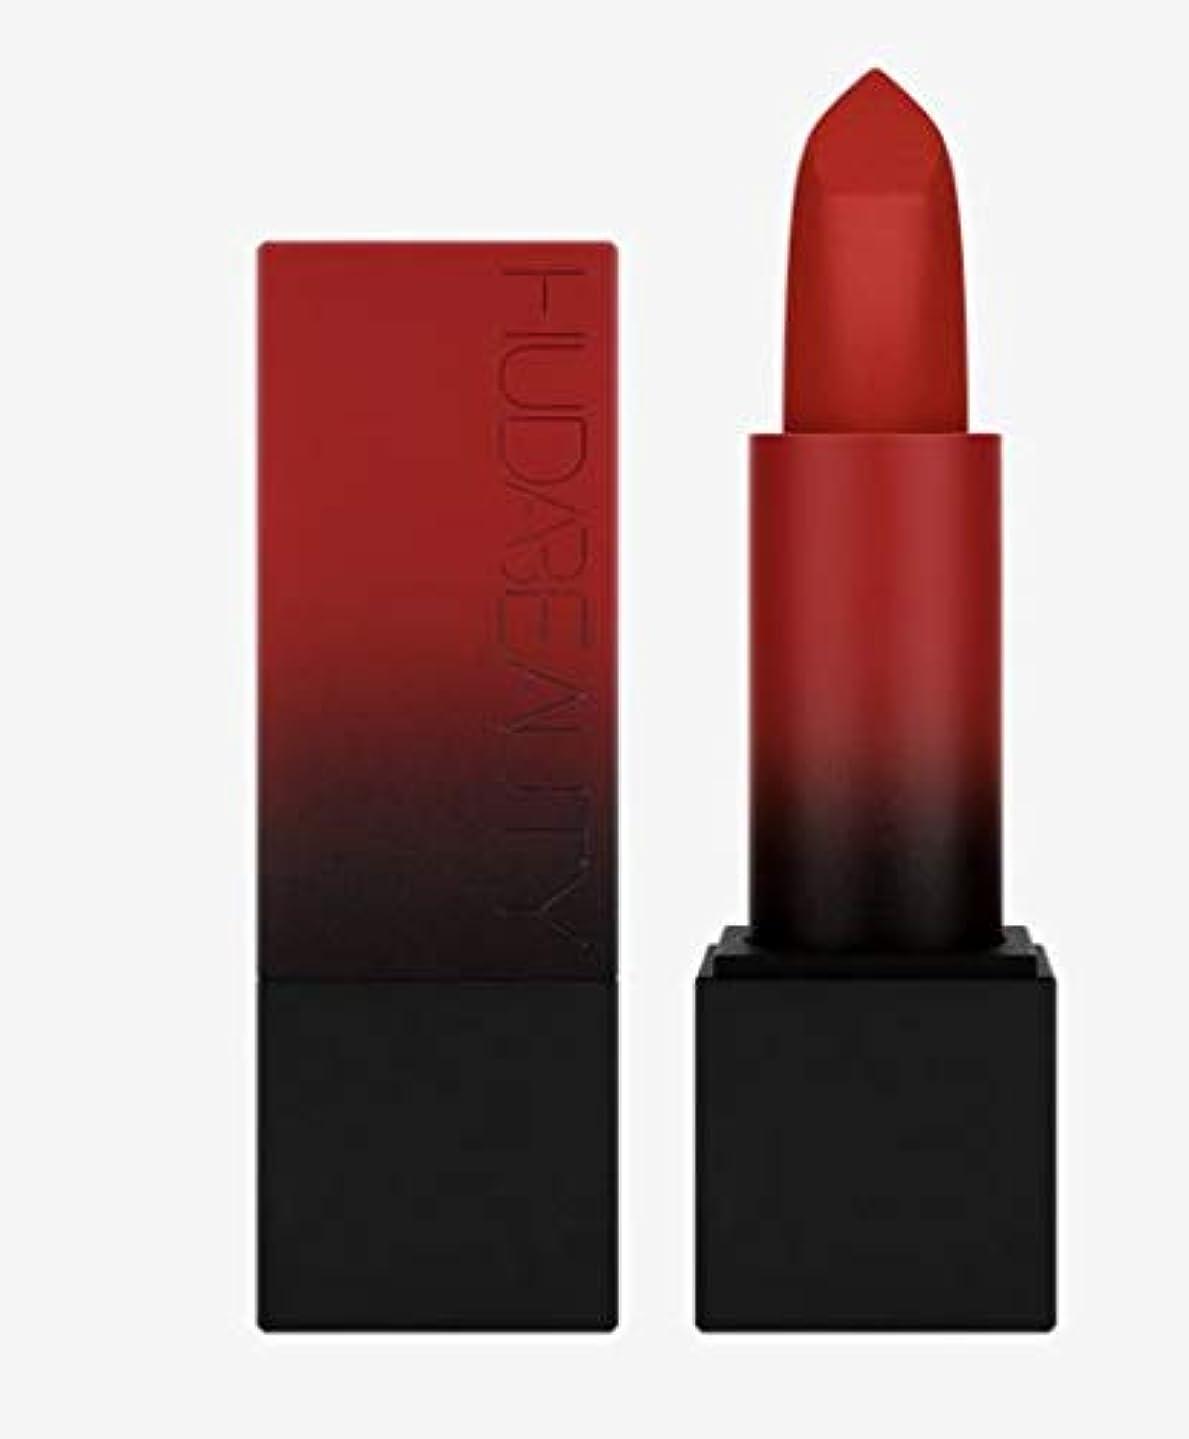 私たち自身道を作る広大なHudabeauty Power Bullet Matte Lipstick マットリップ El Cinco De Mayo